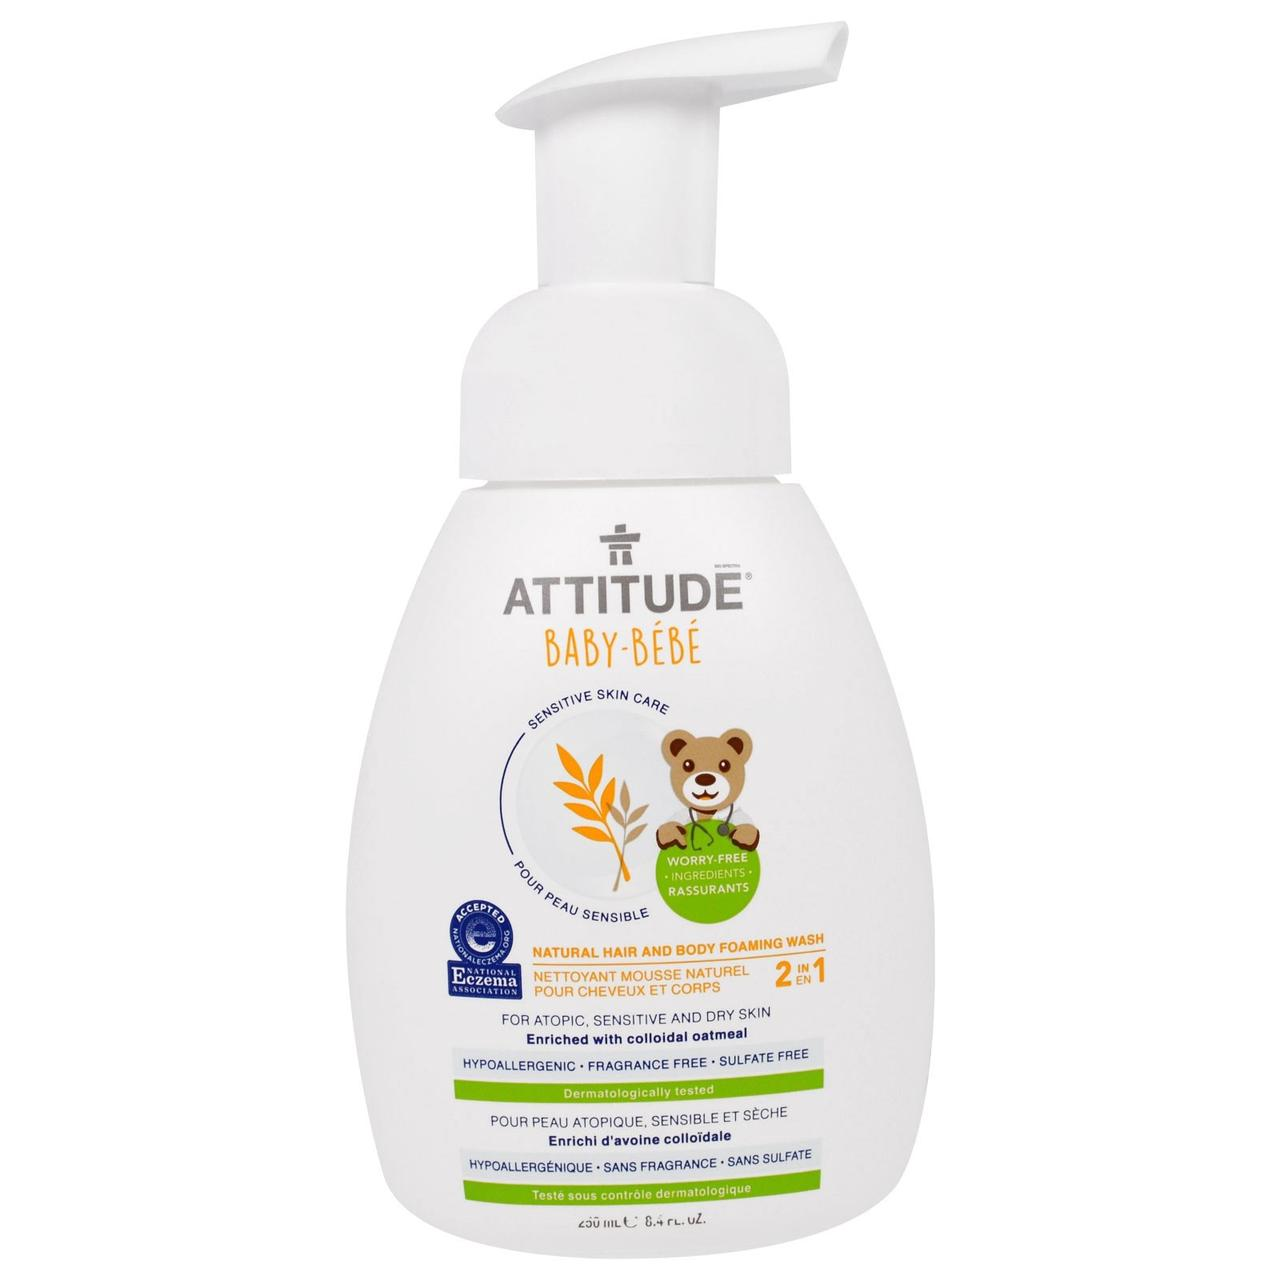 ATTITUDE, Для Ребенка, 2-в-1, Натуральное Пенистое Средство для Мытья Волос и Тела, без Запаха, 8,4 жидких унций (250 мл)